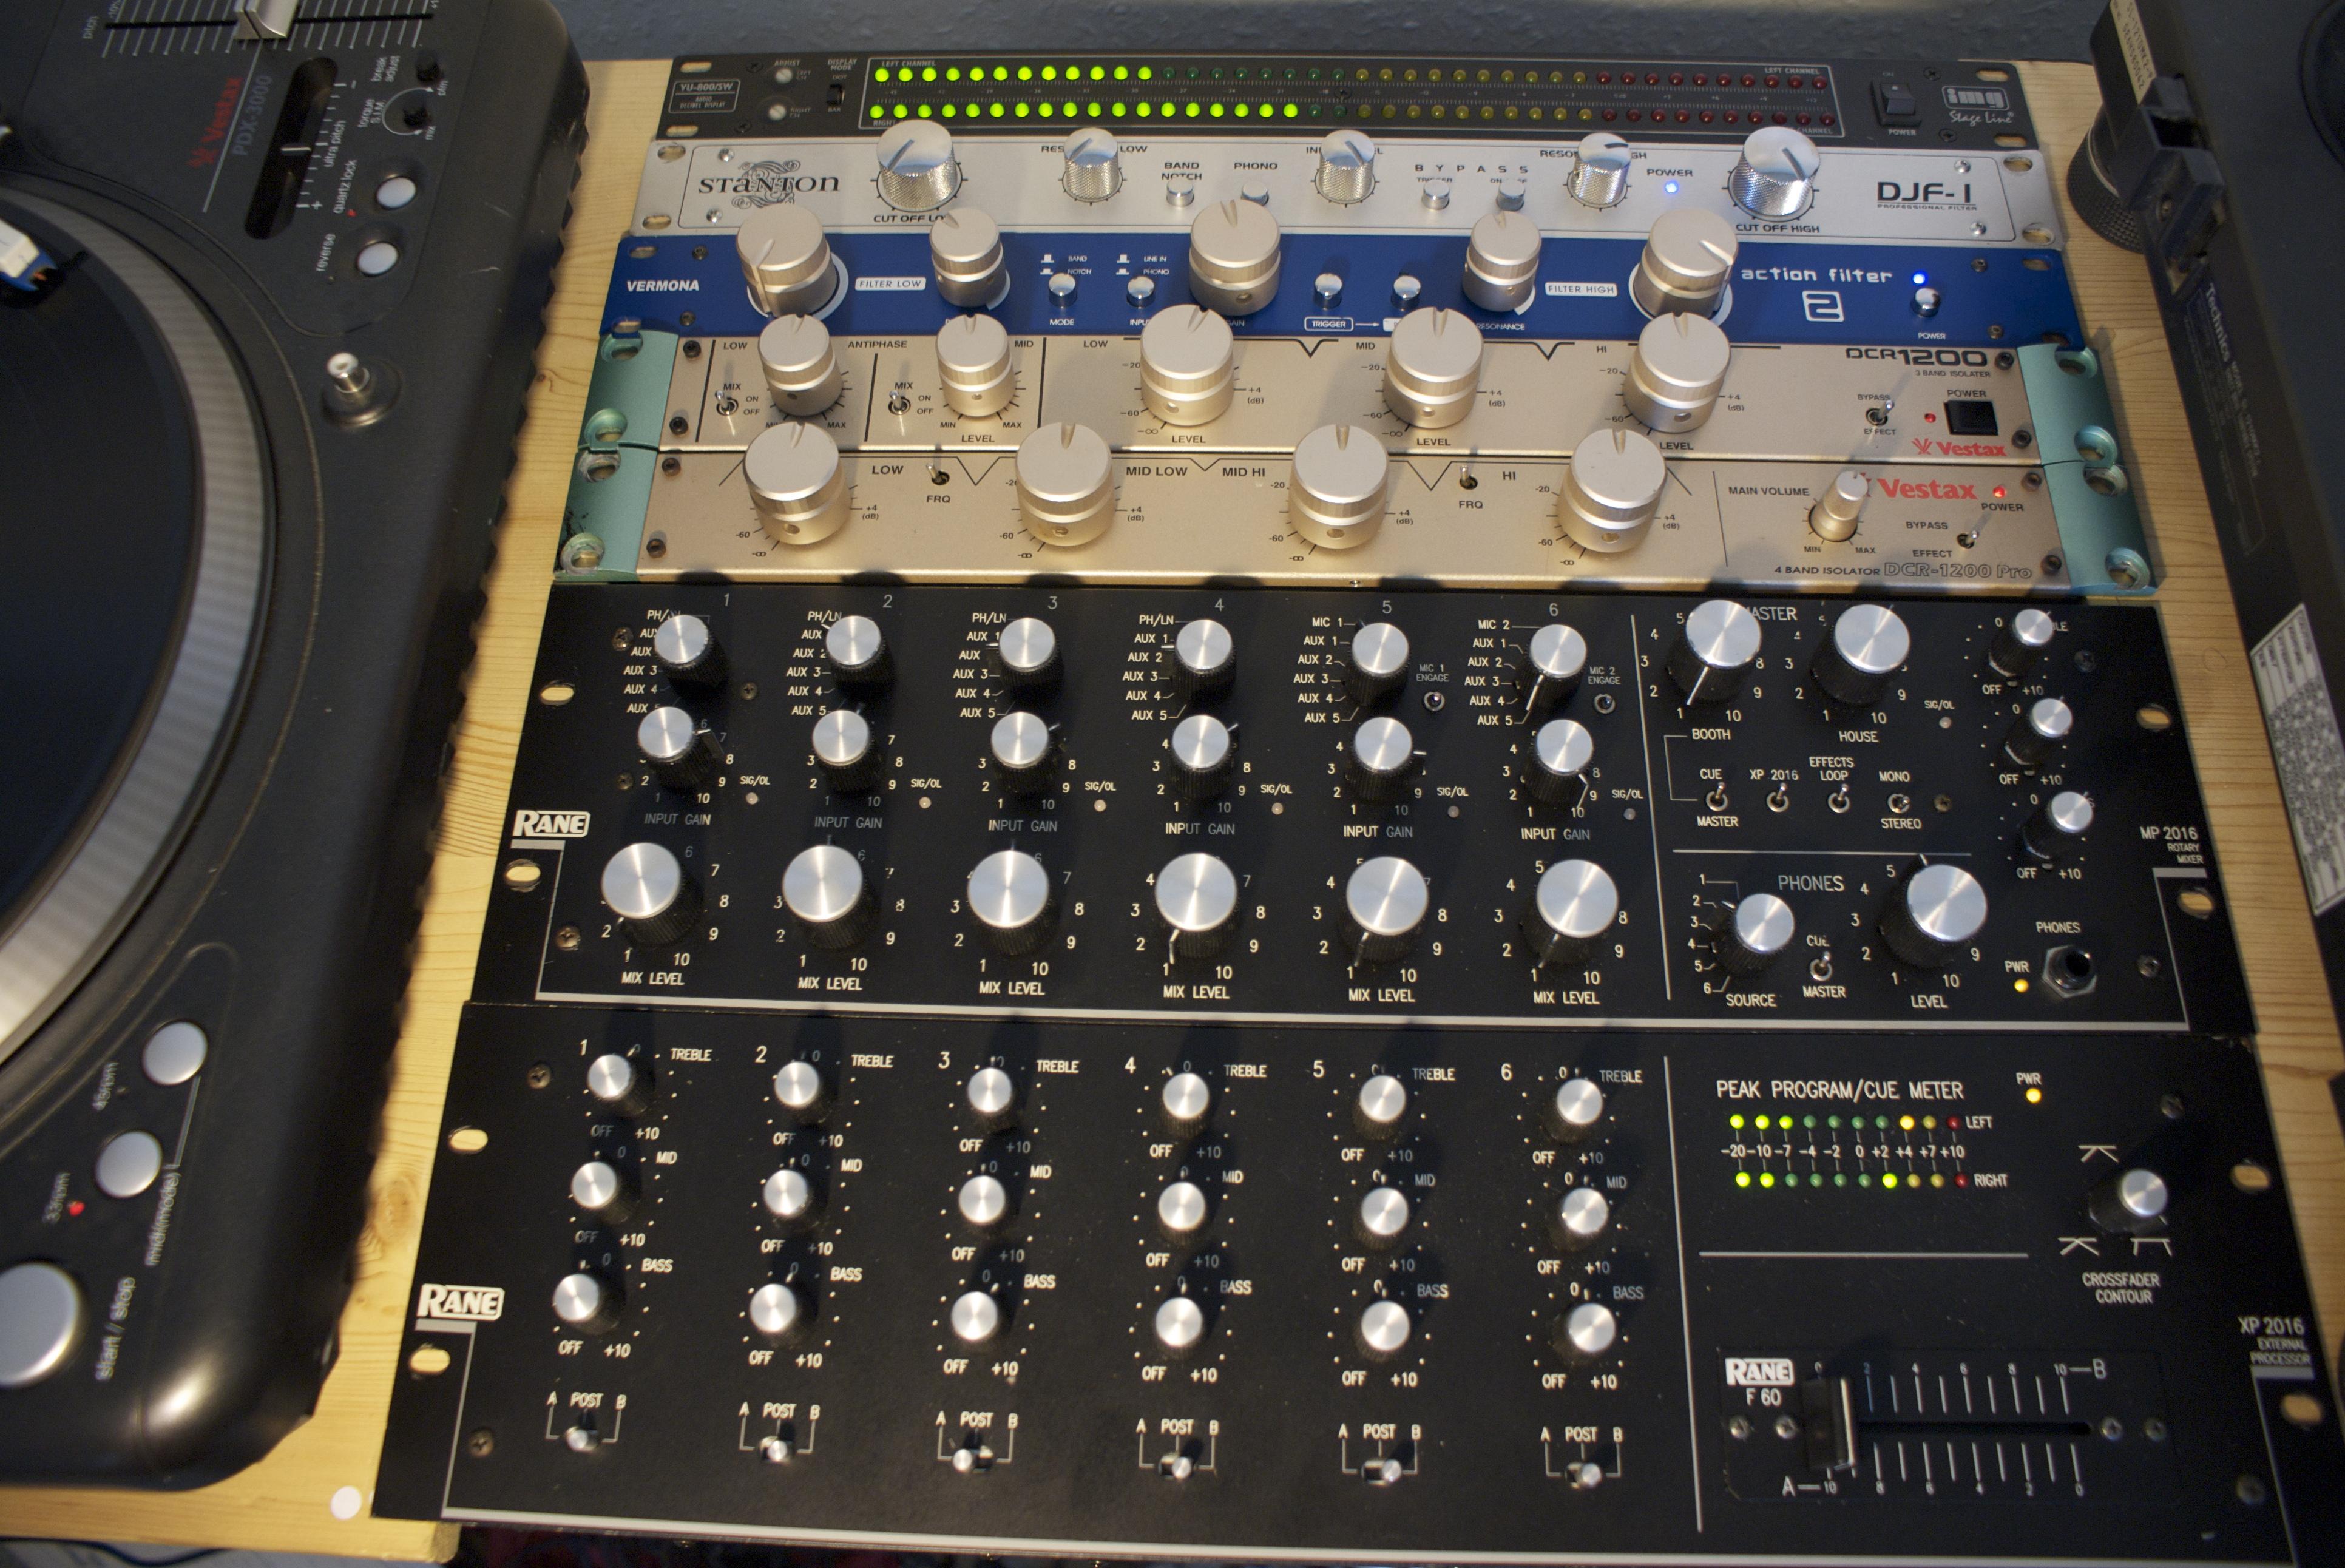 Modular Analogue Dj Mixer James Kelly S Blog